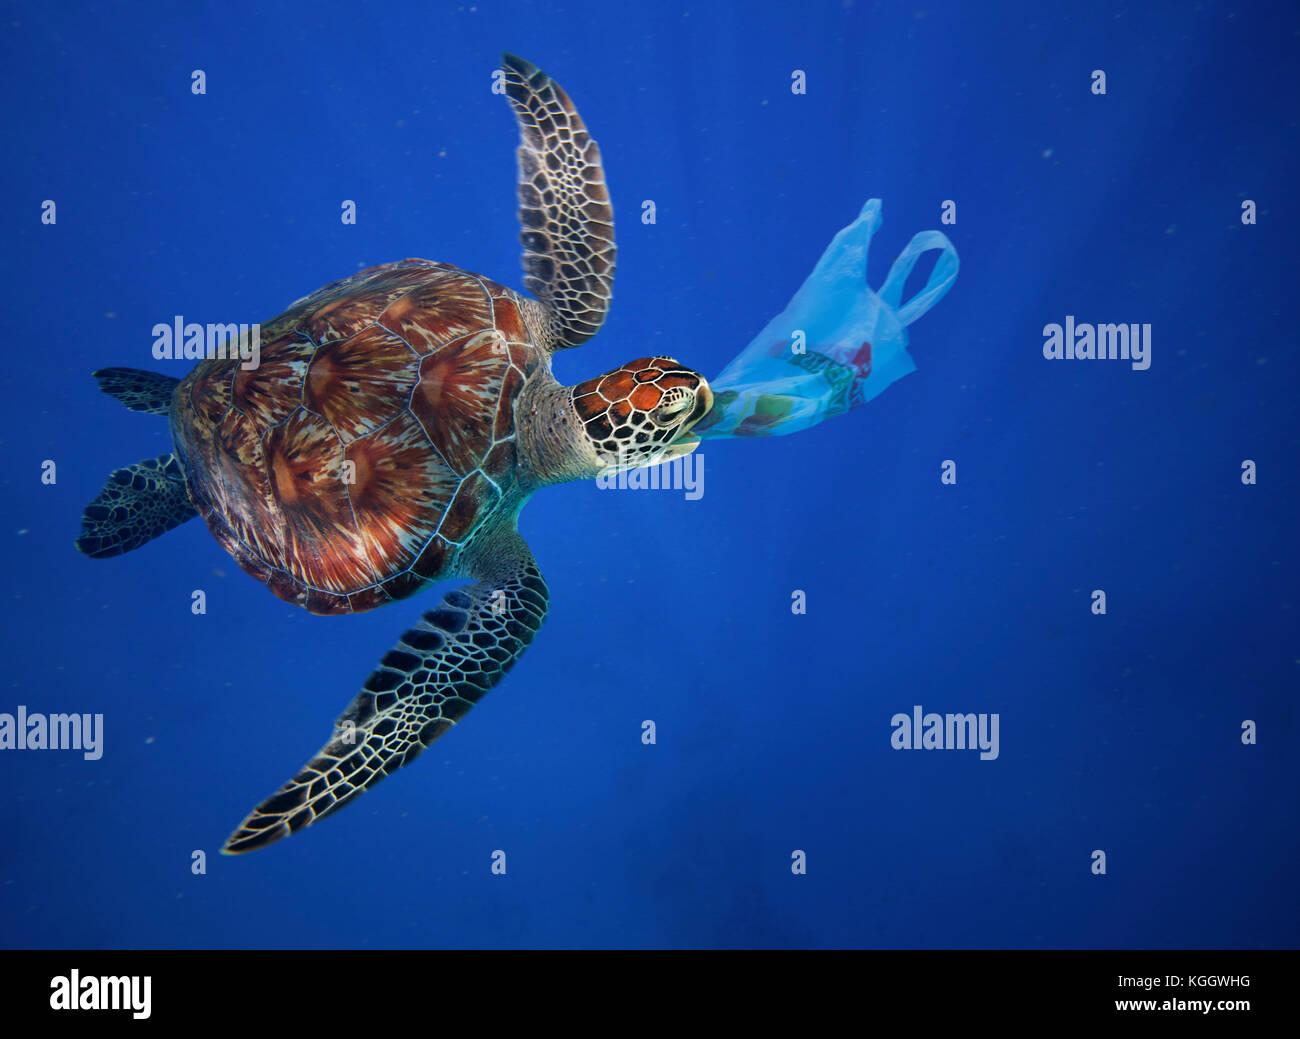 Tartaruga di mare mangiare il sacchetto in plastica. Sacchetti di plastica e altri rifiuti di plastica sono spesso Immagini Stock